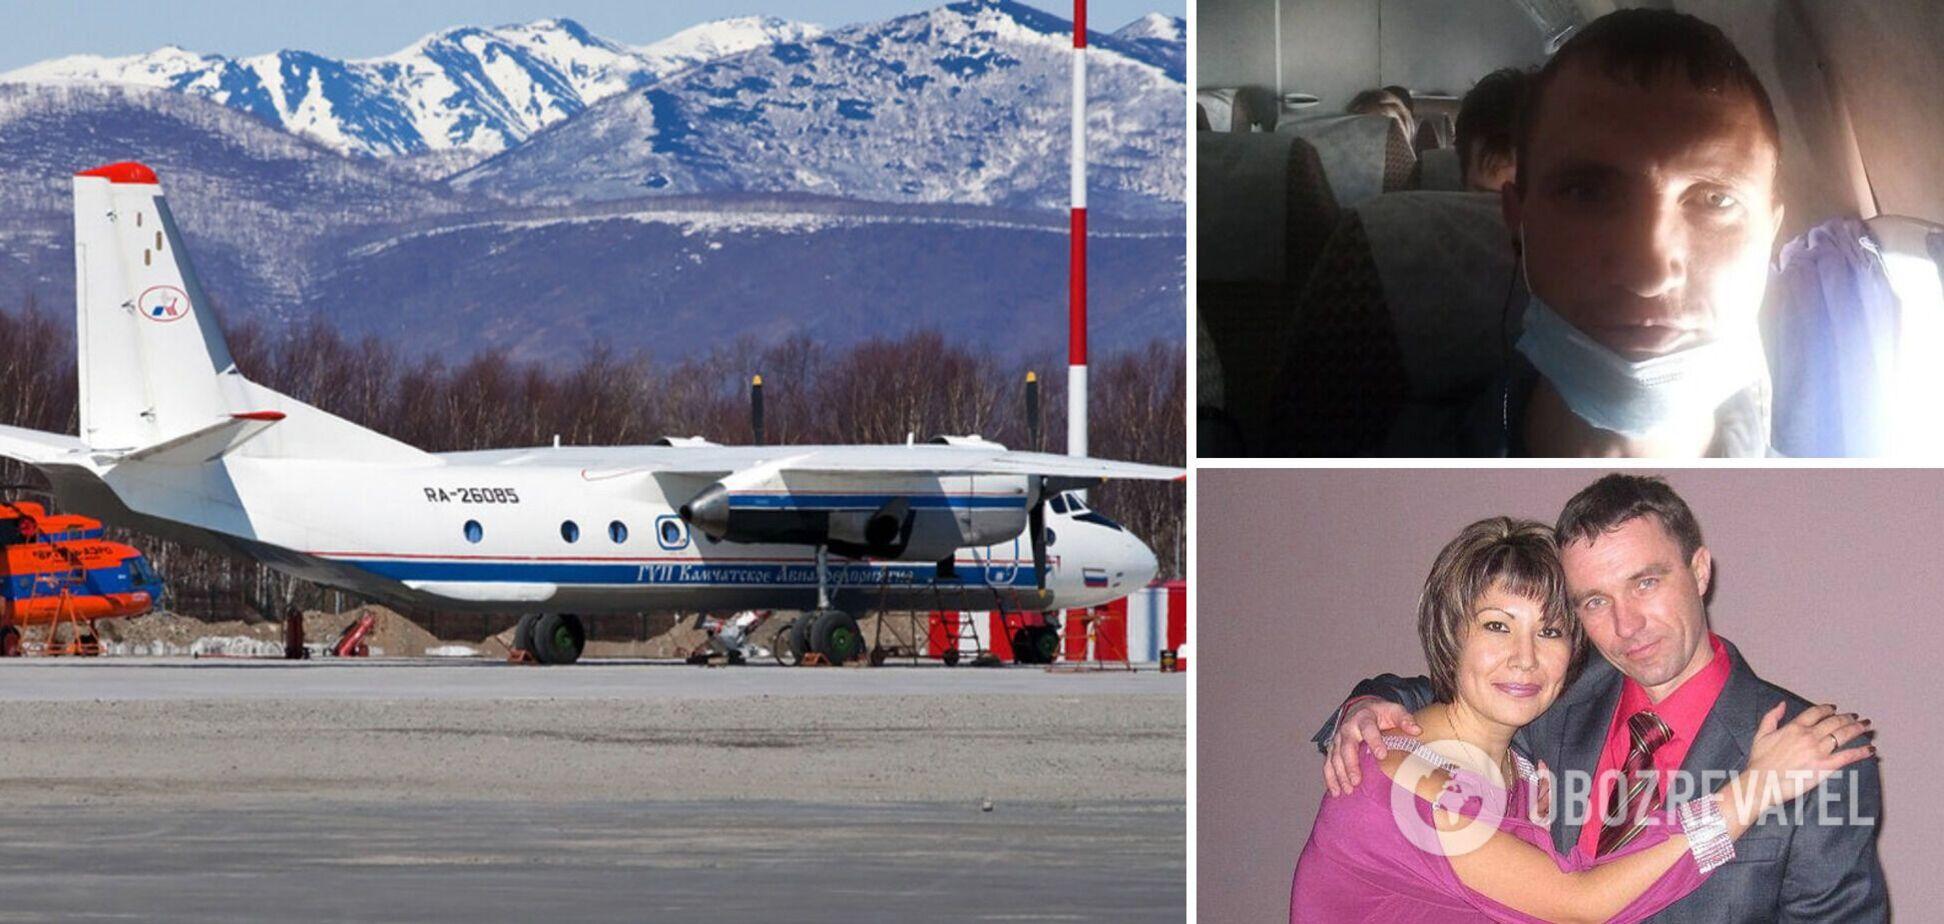 Названо версію аварії Ан-26 в Росії і опубліковано фото загиблих пасажирів